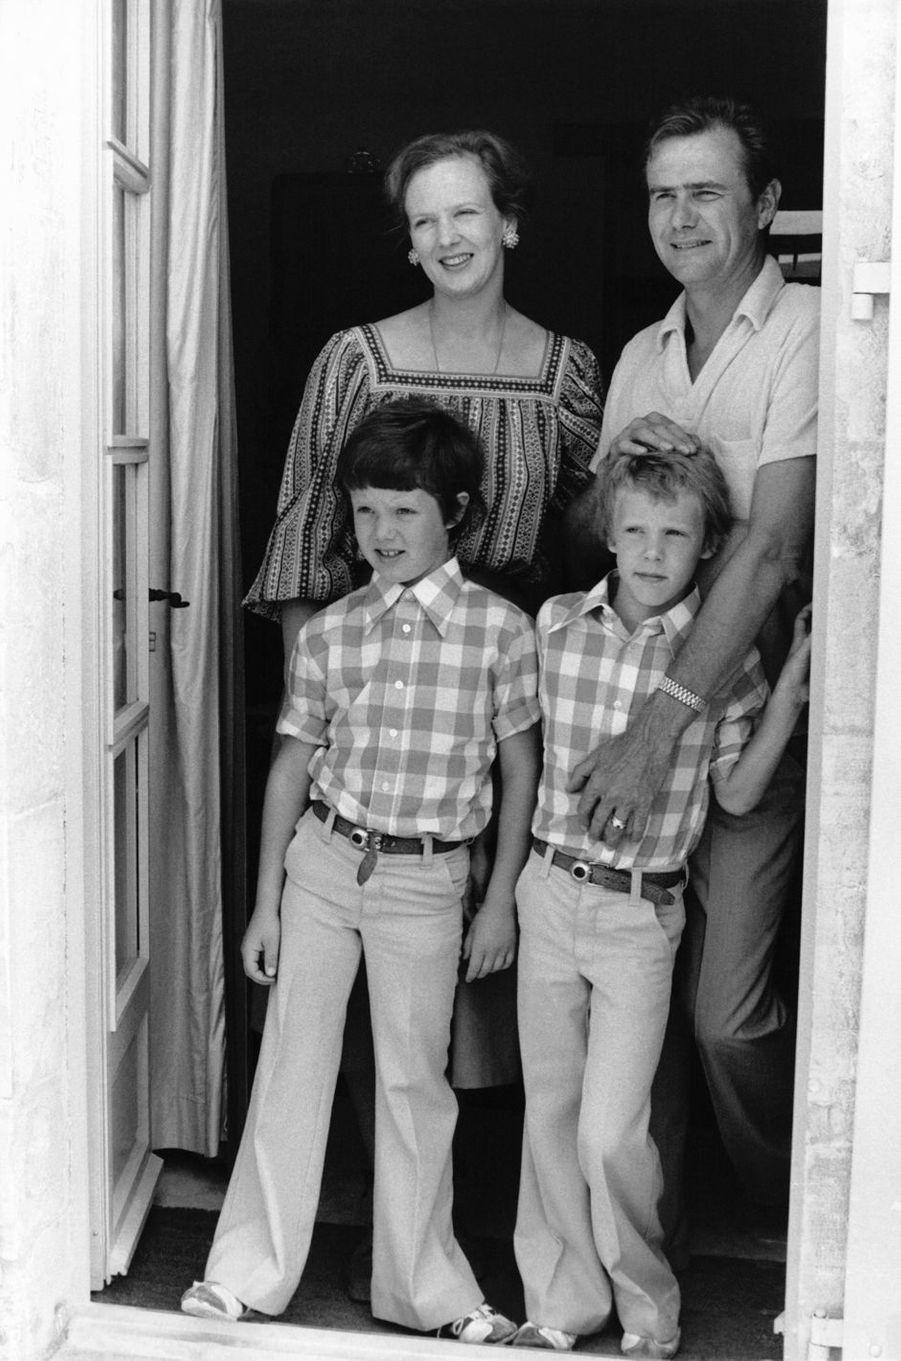 Le prince Joachim de Danemark avec son grand frère le prince Frederik et leurs parents, le 12 août 1977